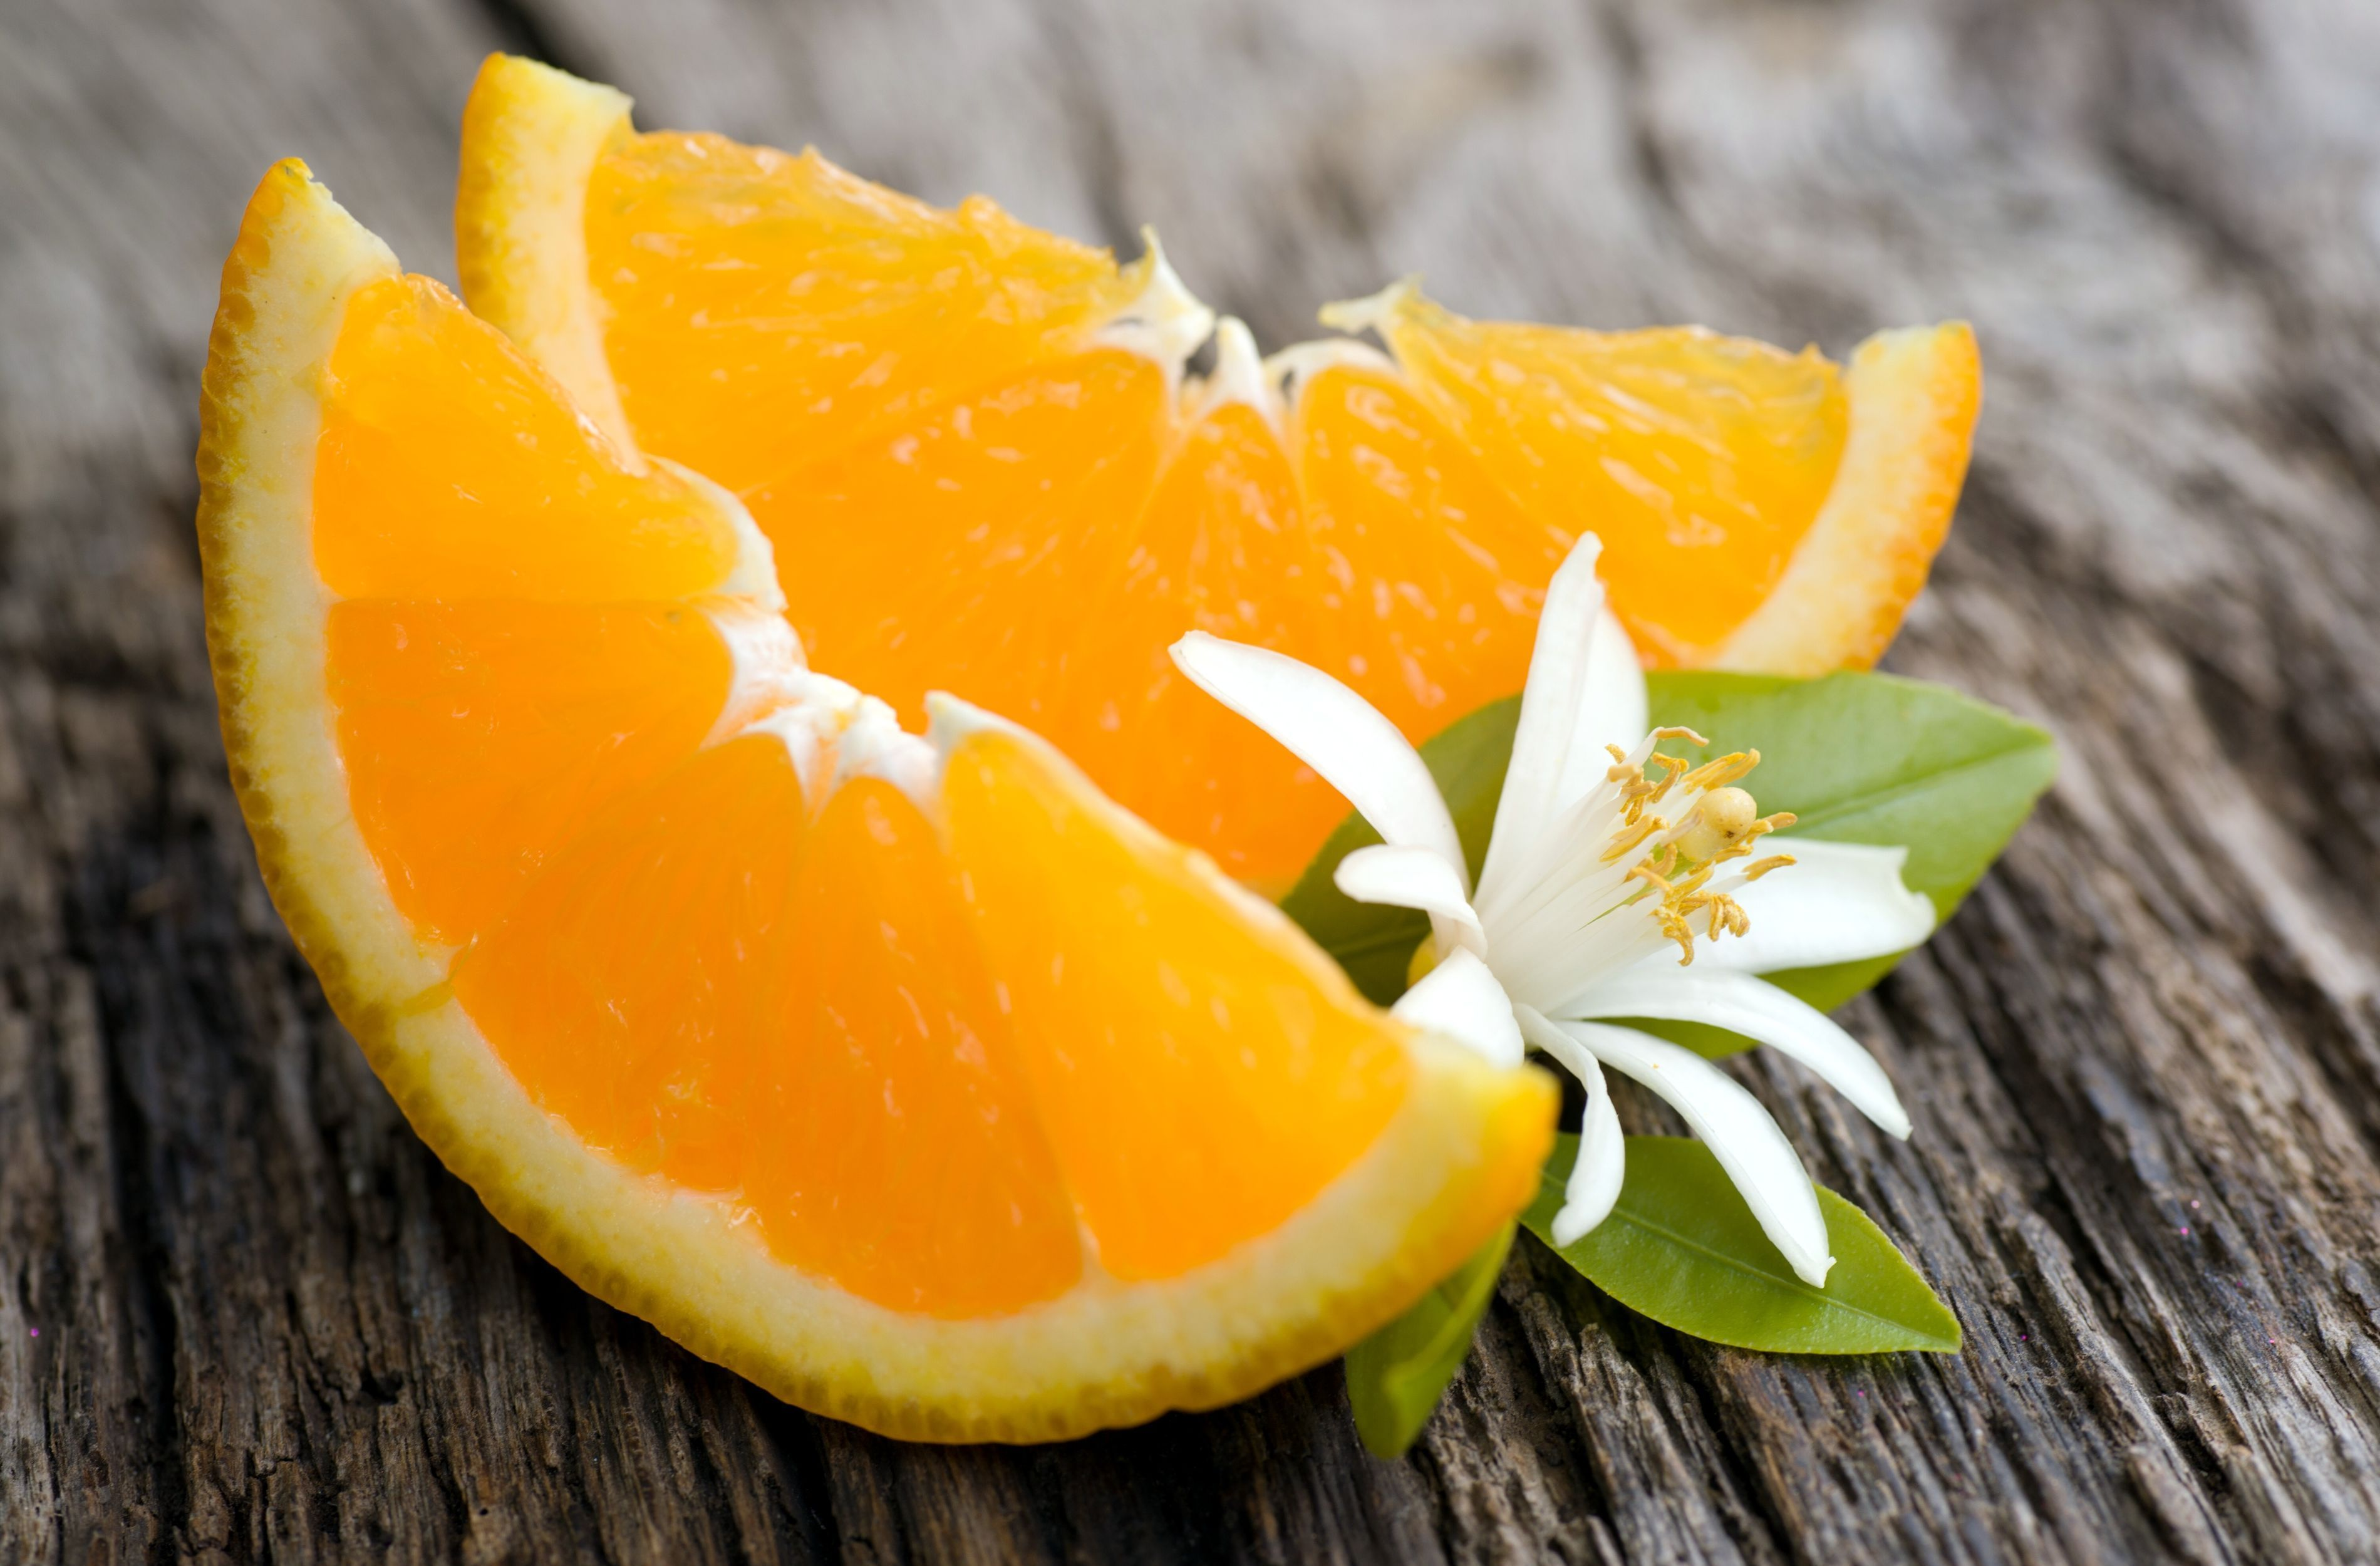 Апельсин Orange  № 2933065 бесплатно